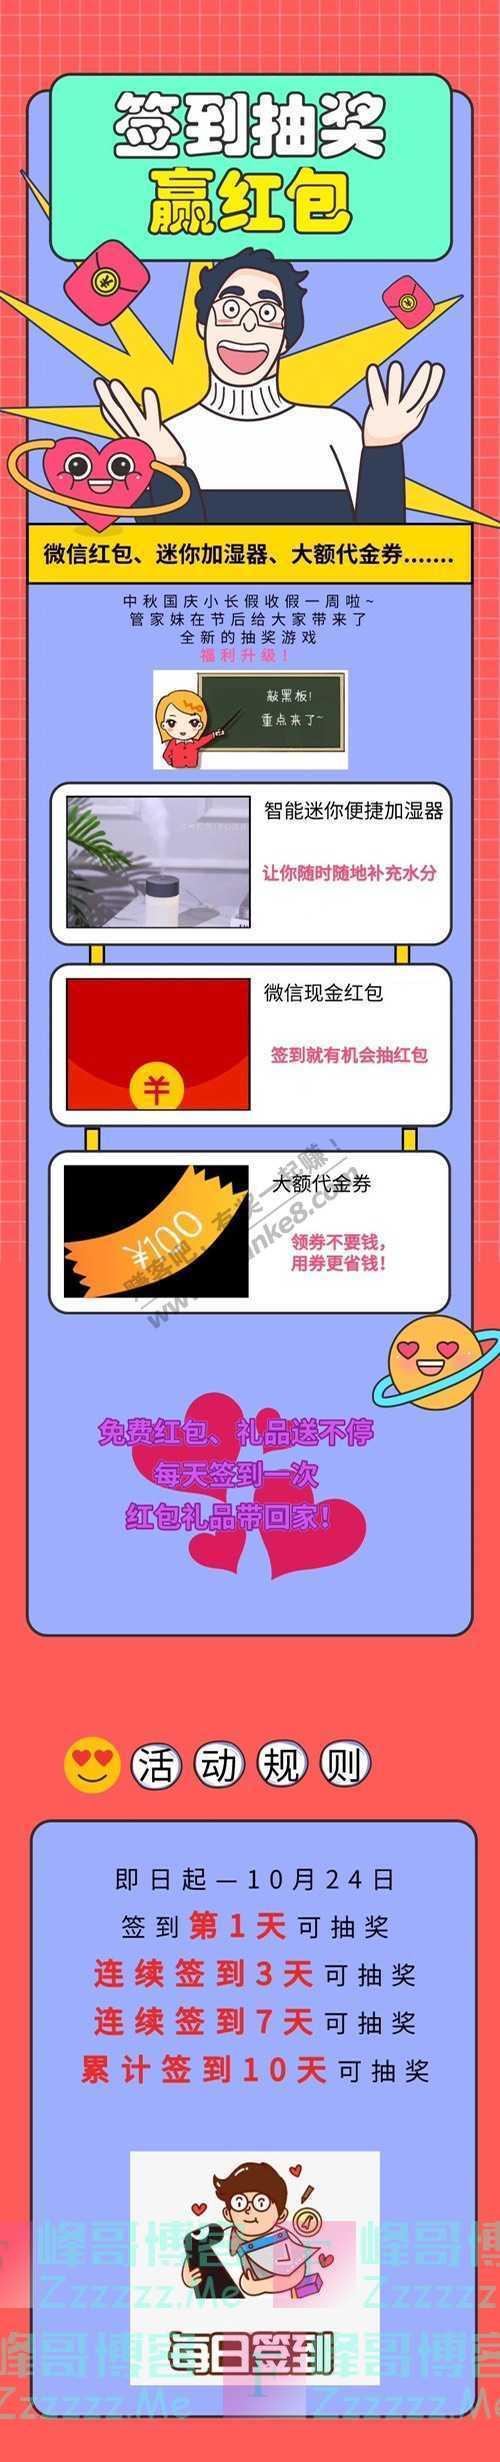 114家青海拯救假期综合症 签到抽奖!微信现金红包、加湿器…(10月24日截止)